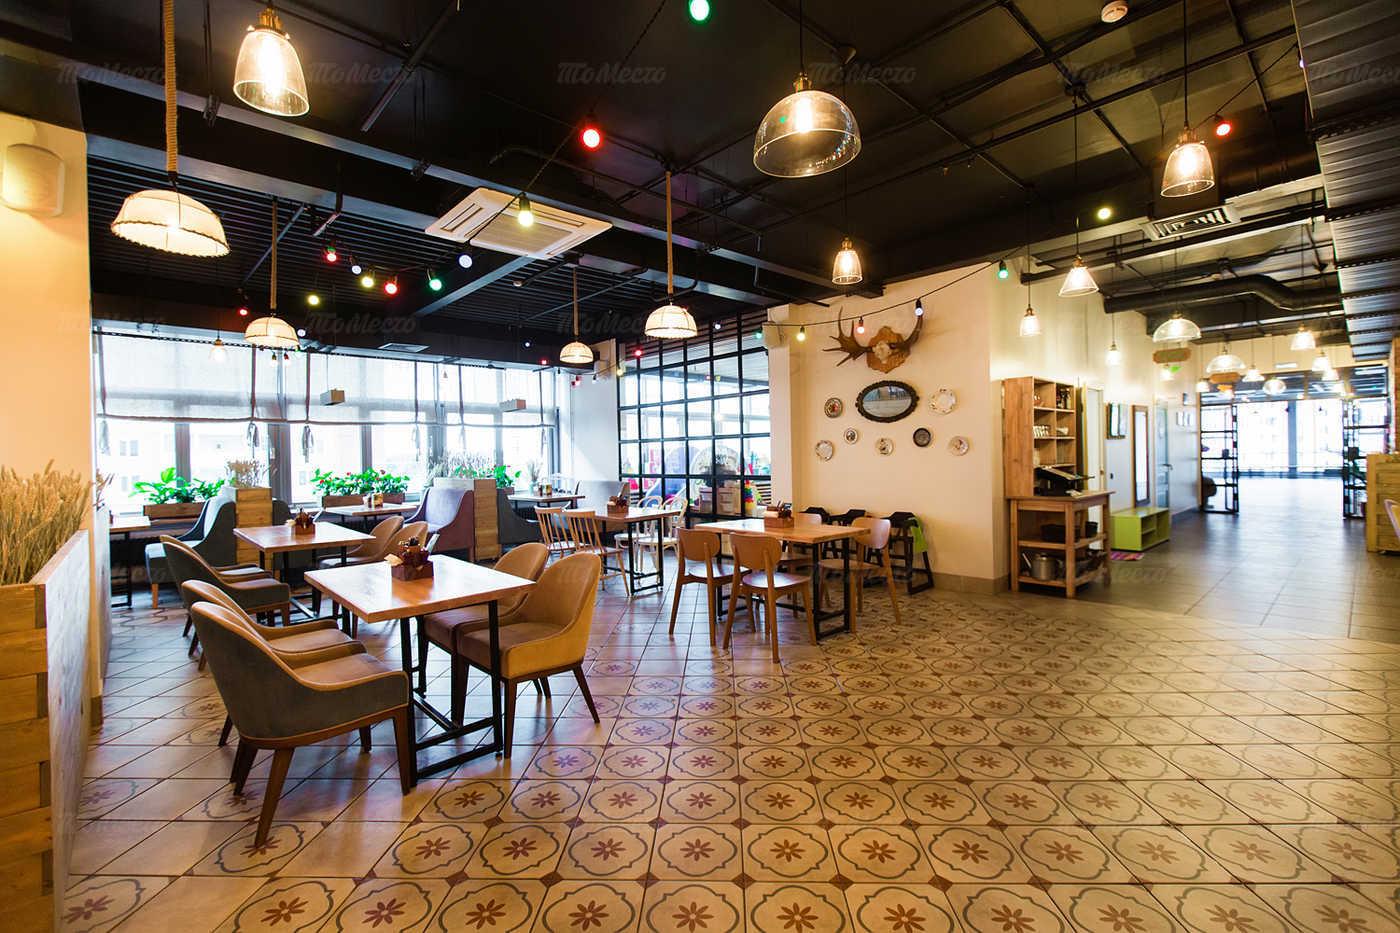 Банкеты ресторана Милки (Milky) на Красносельском шоссе фото 2